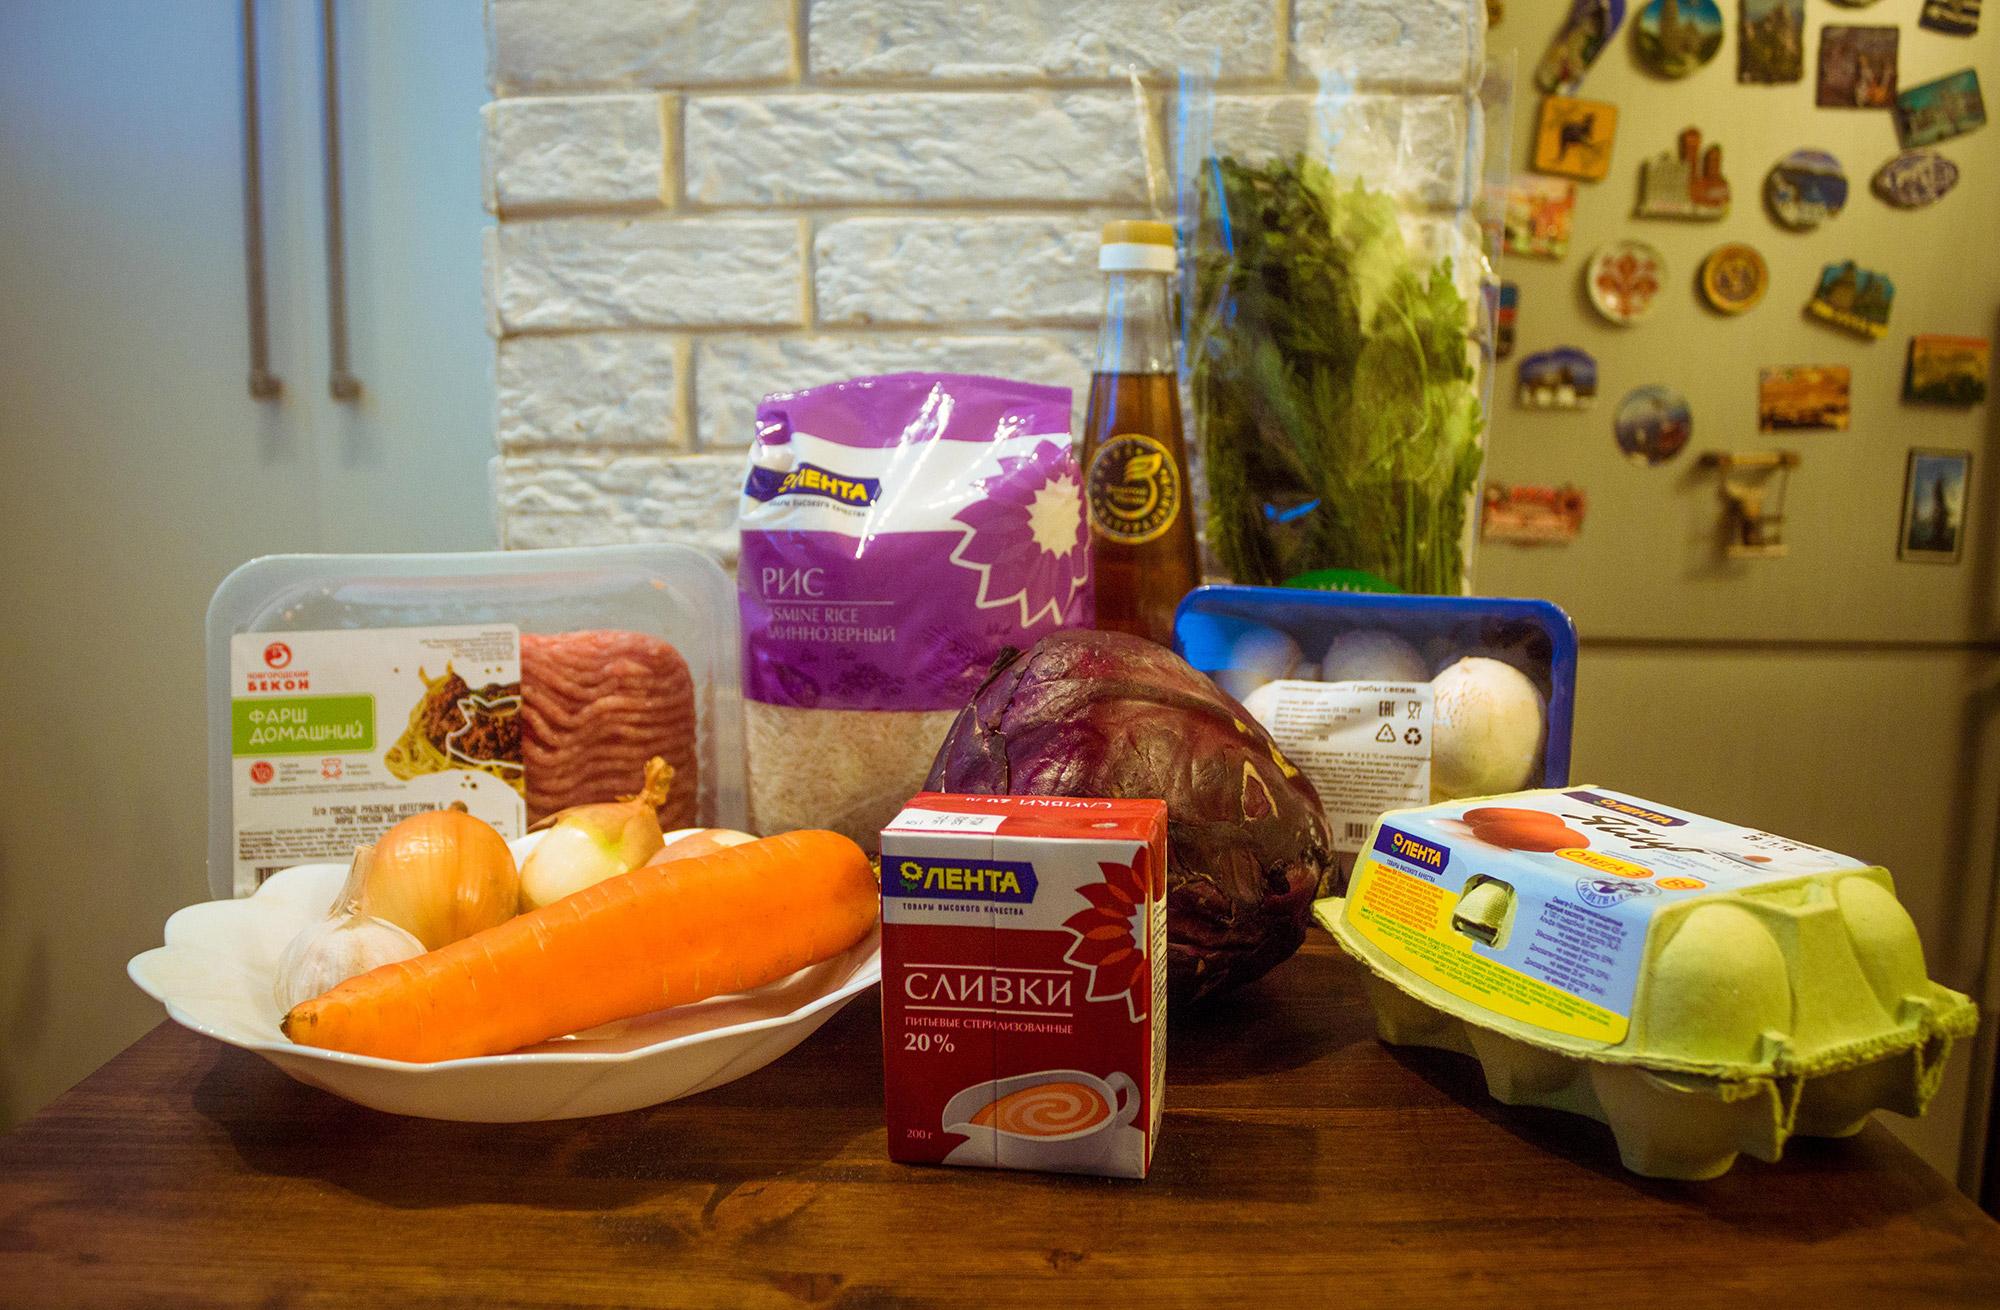 Яиц, грибов, капусты, моркови, риса, уксуса и зелени больше, чем нужно для рецепта. Перед готовкой нужно будет всё помыть и почистить